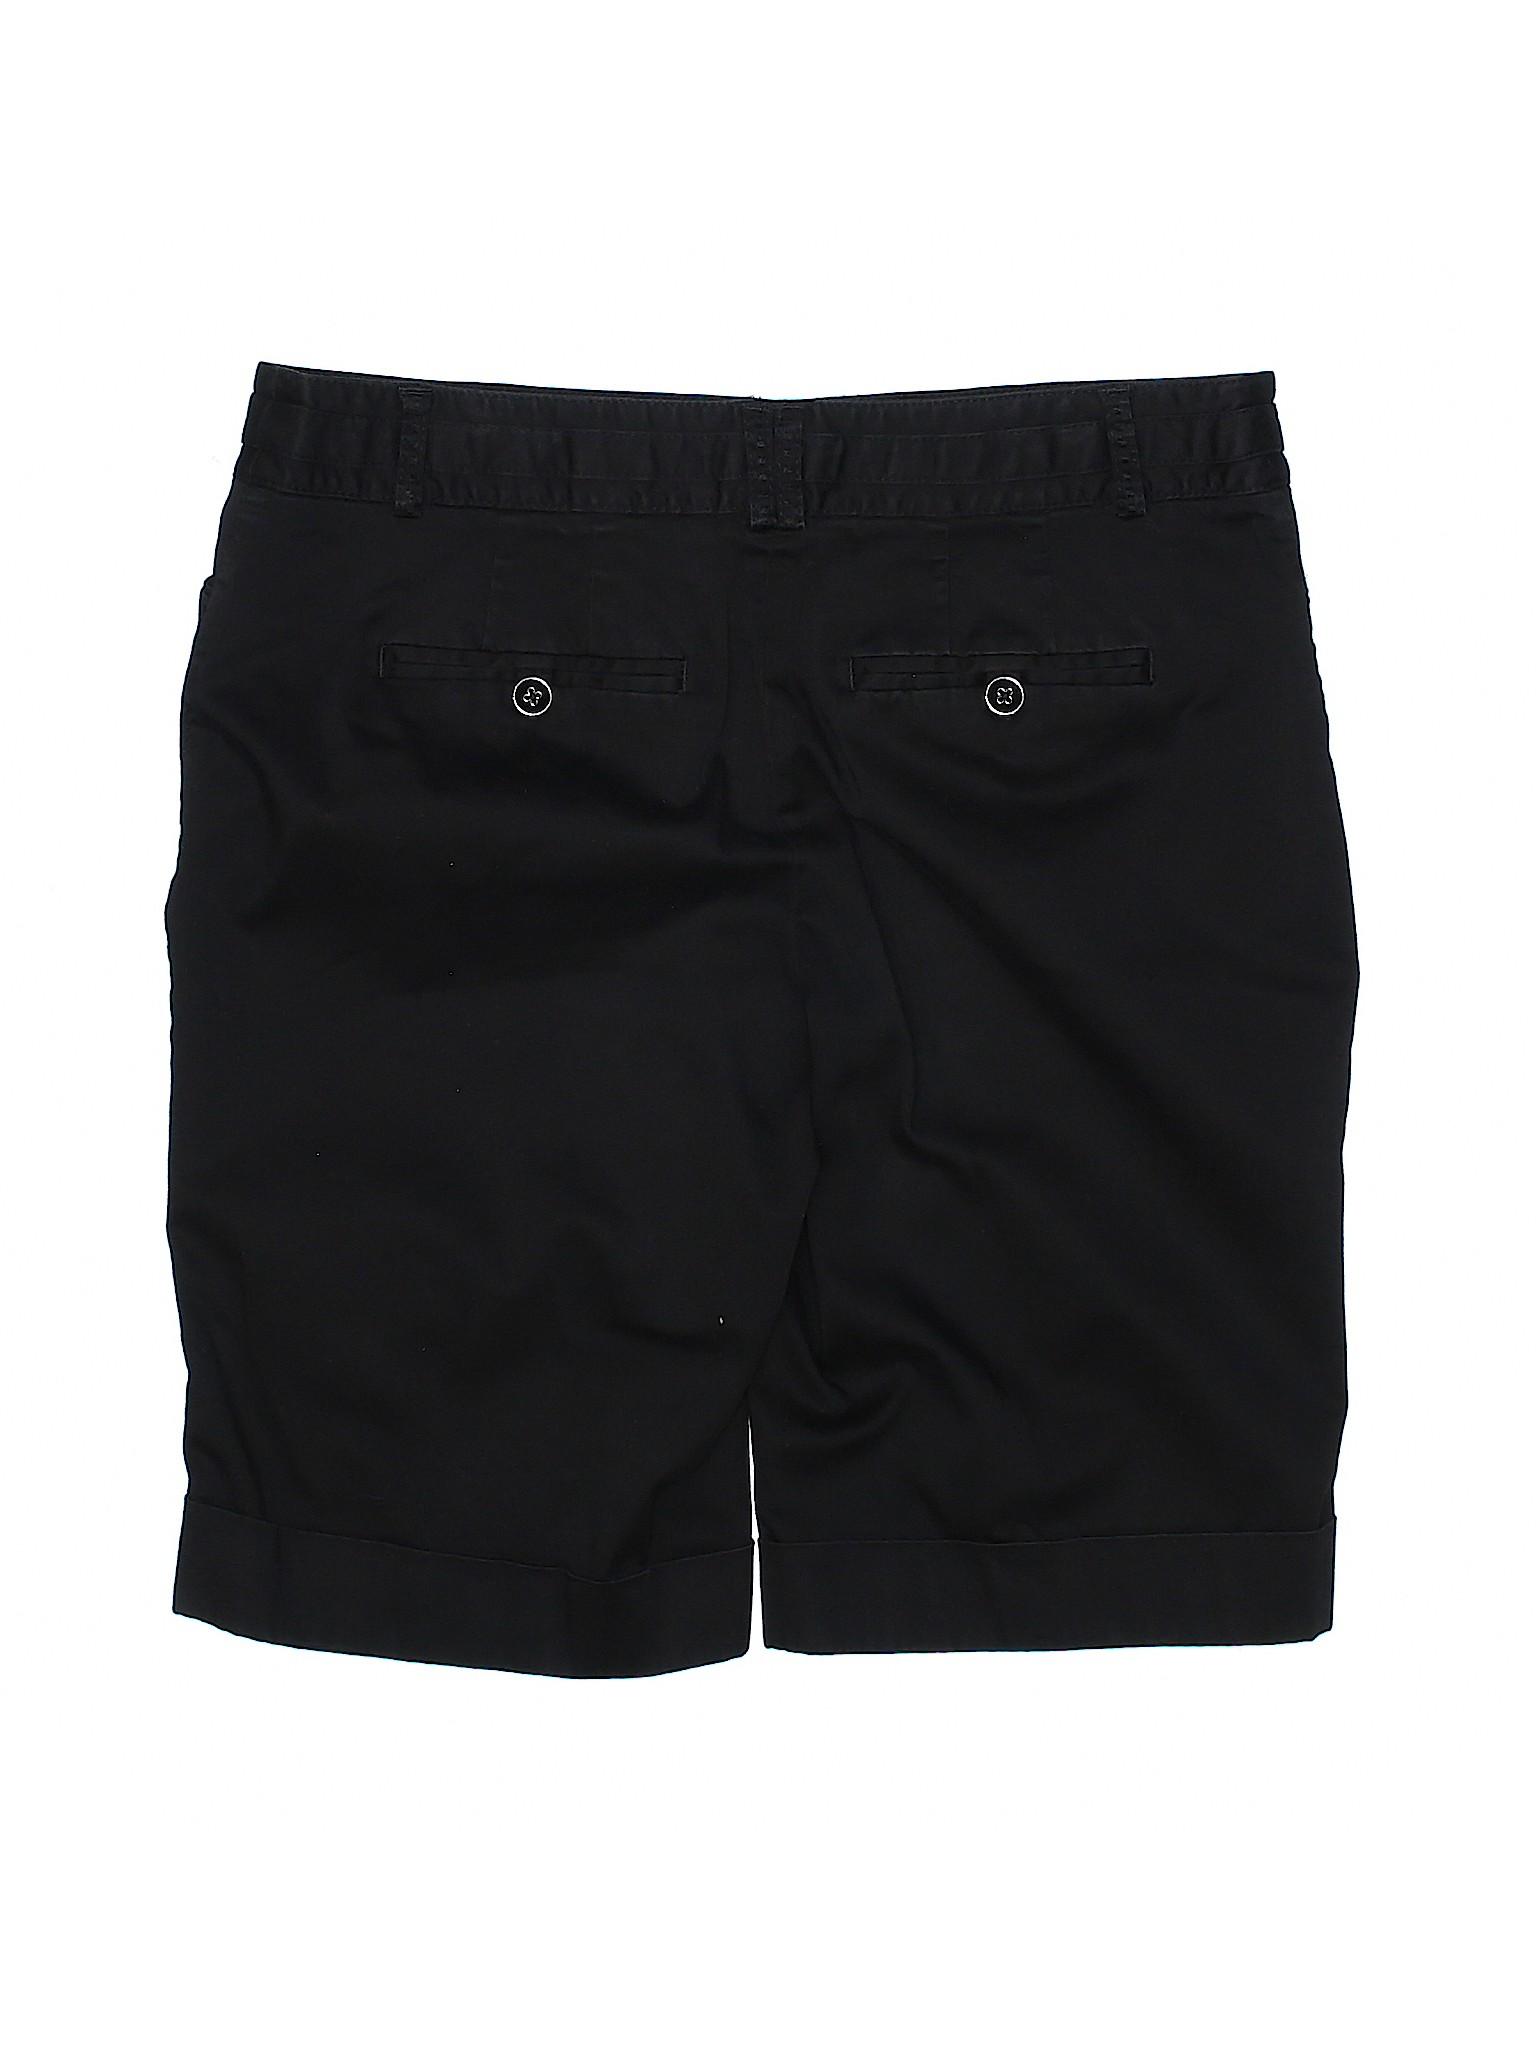 Shorts White Khaki House Black Boutique Market 6x0FaYxq